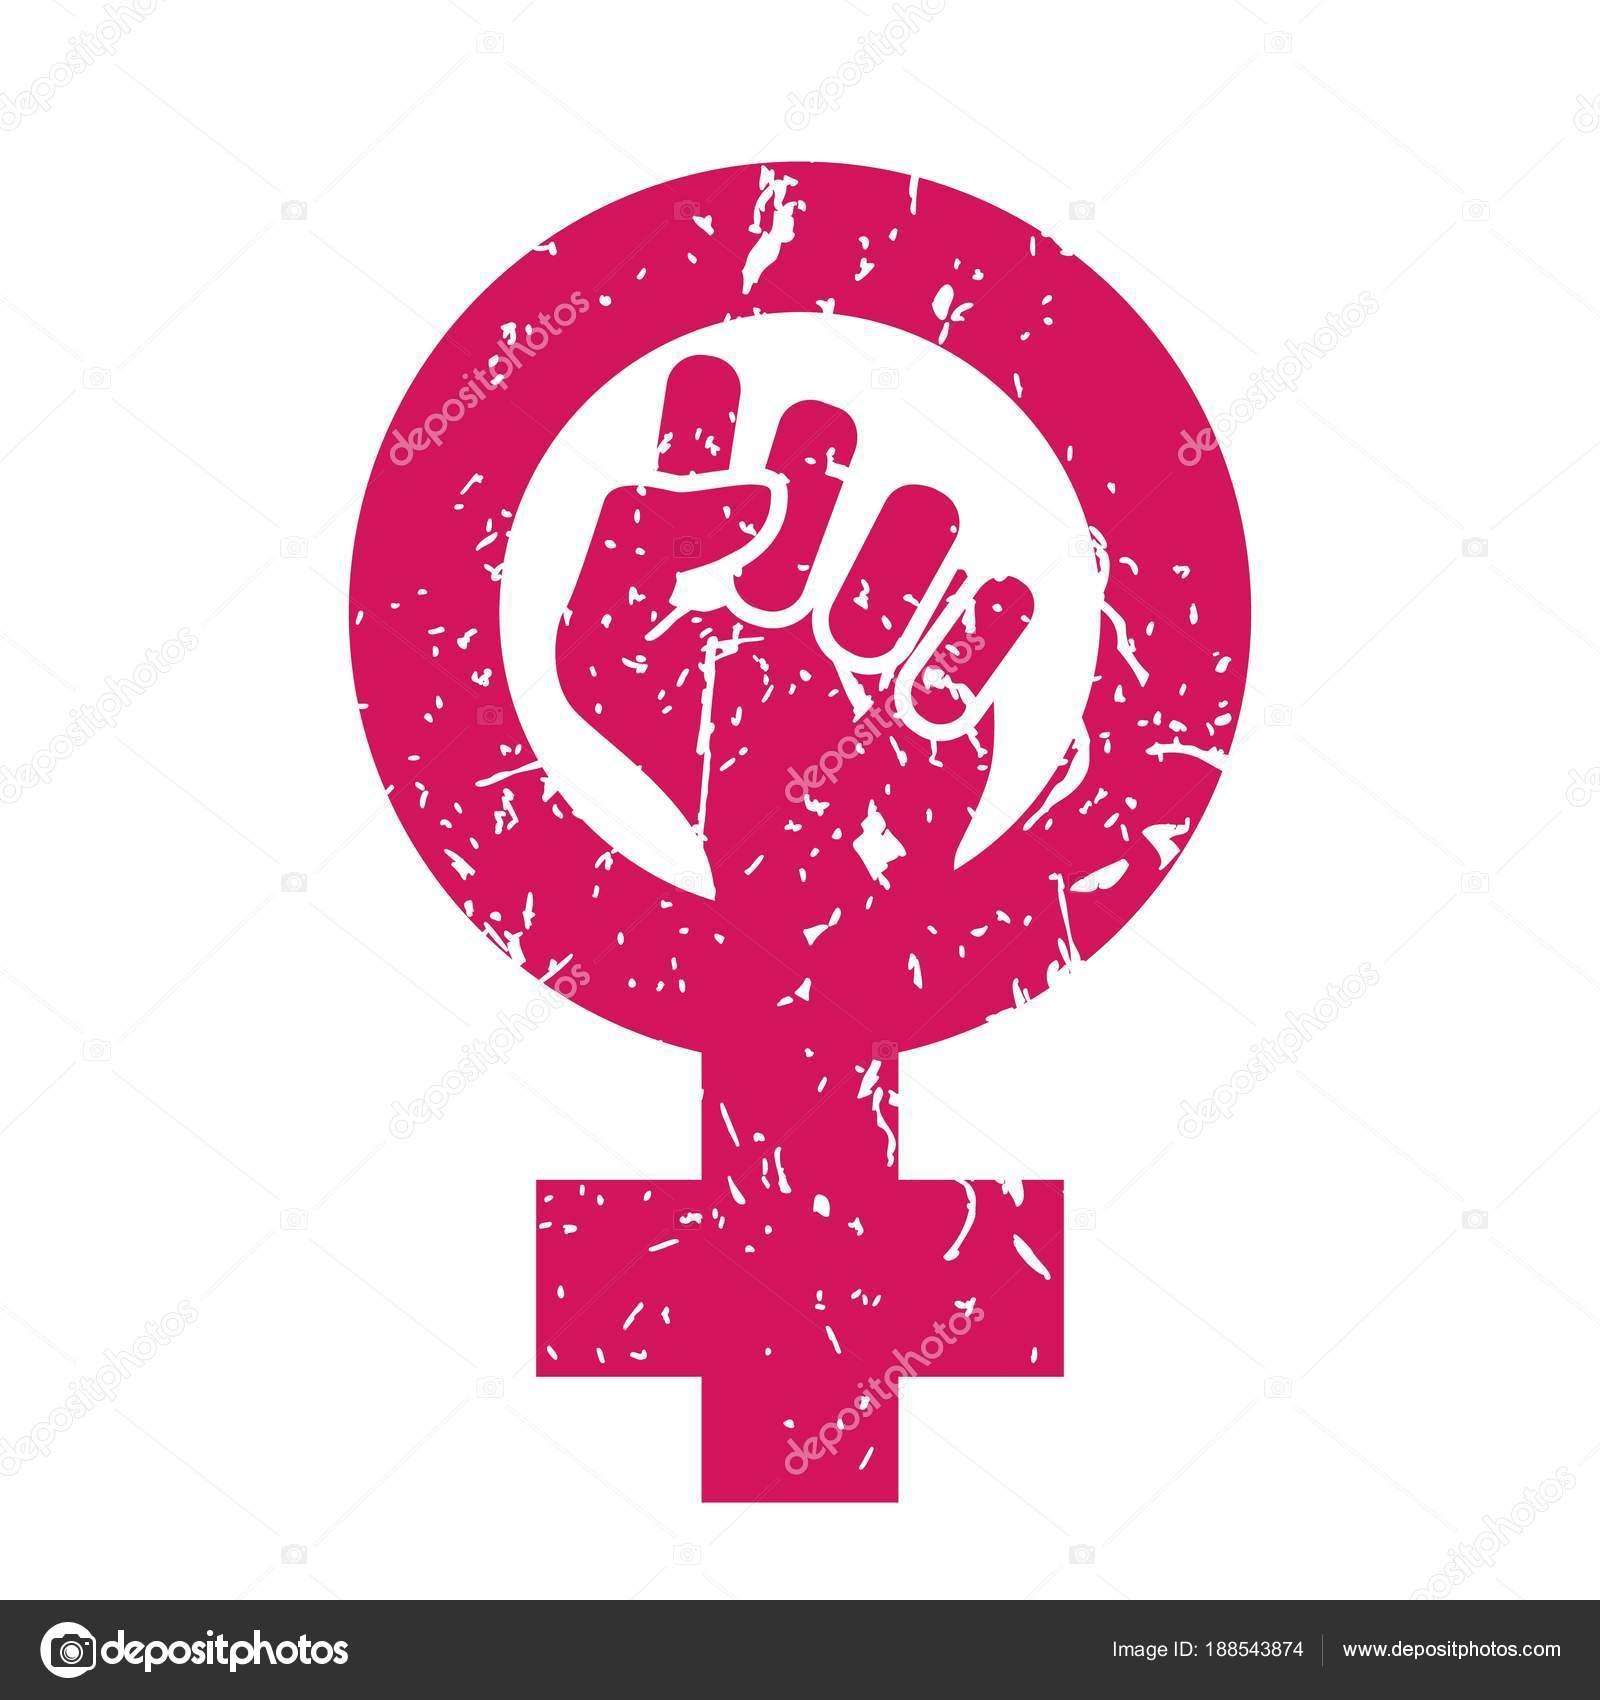 d4b5c66c370b4 Vetor de símbolo do feminismo. Poder do feminismo. Sociedade de LGBT. Ícone  feminino. Mão de feminista. Direitos de meninas. Protesto feminino de  futuro.